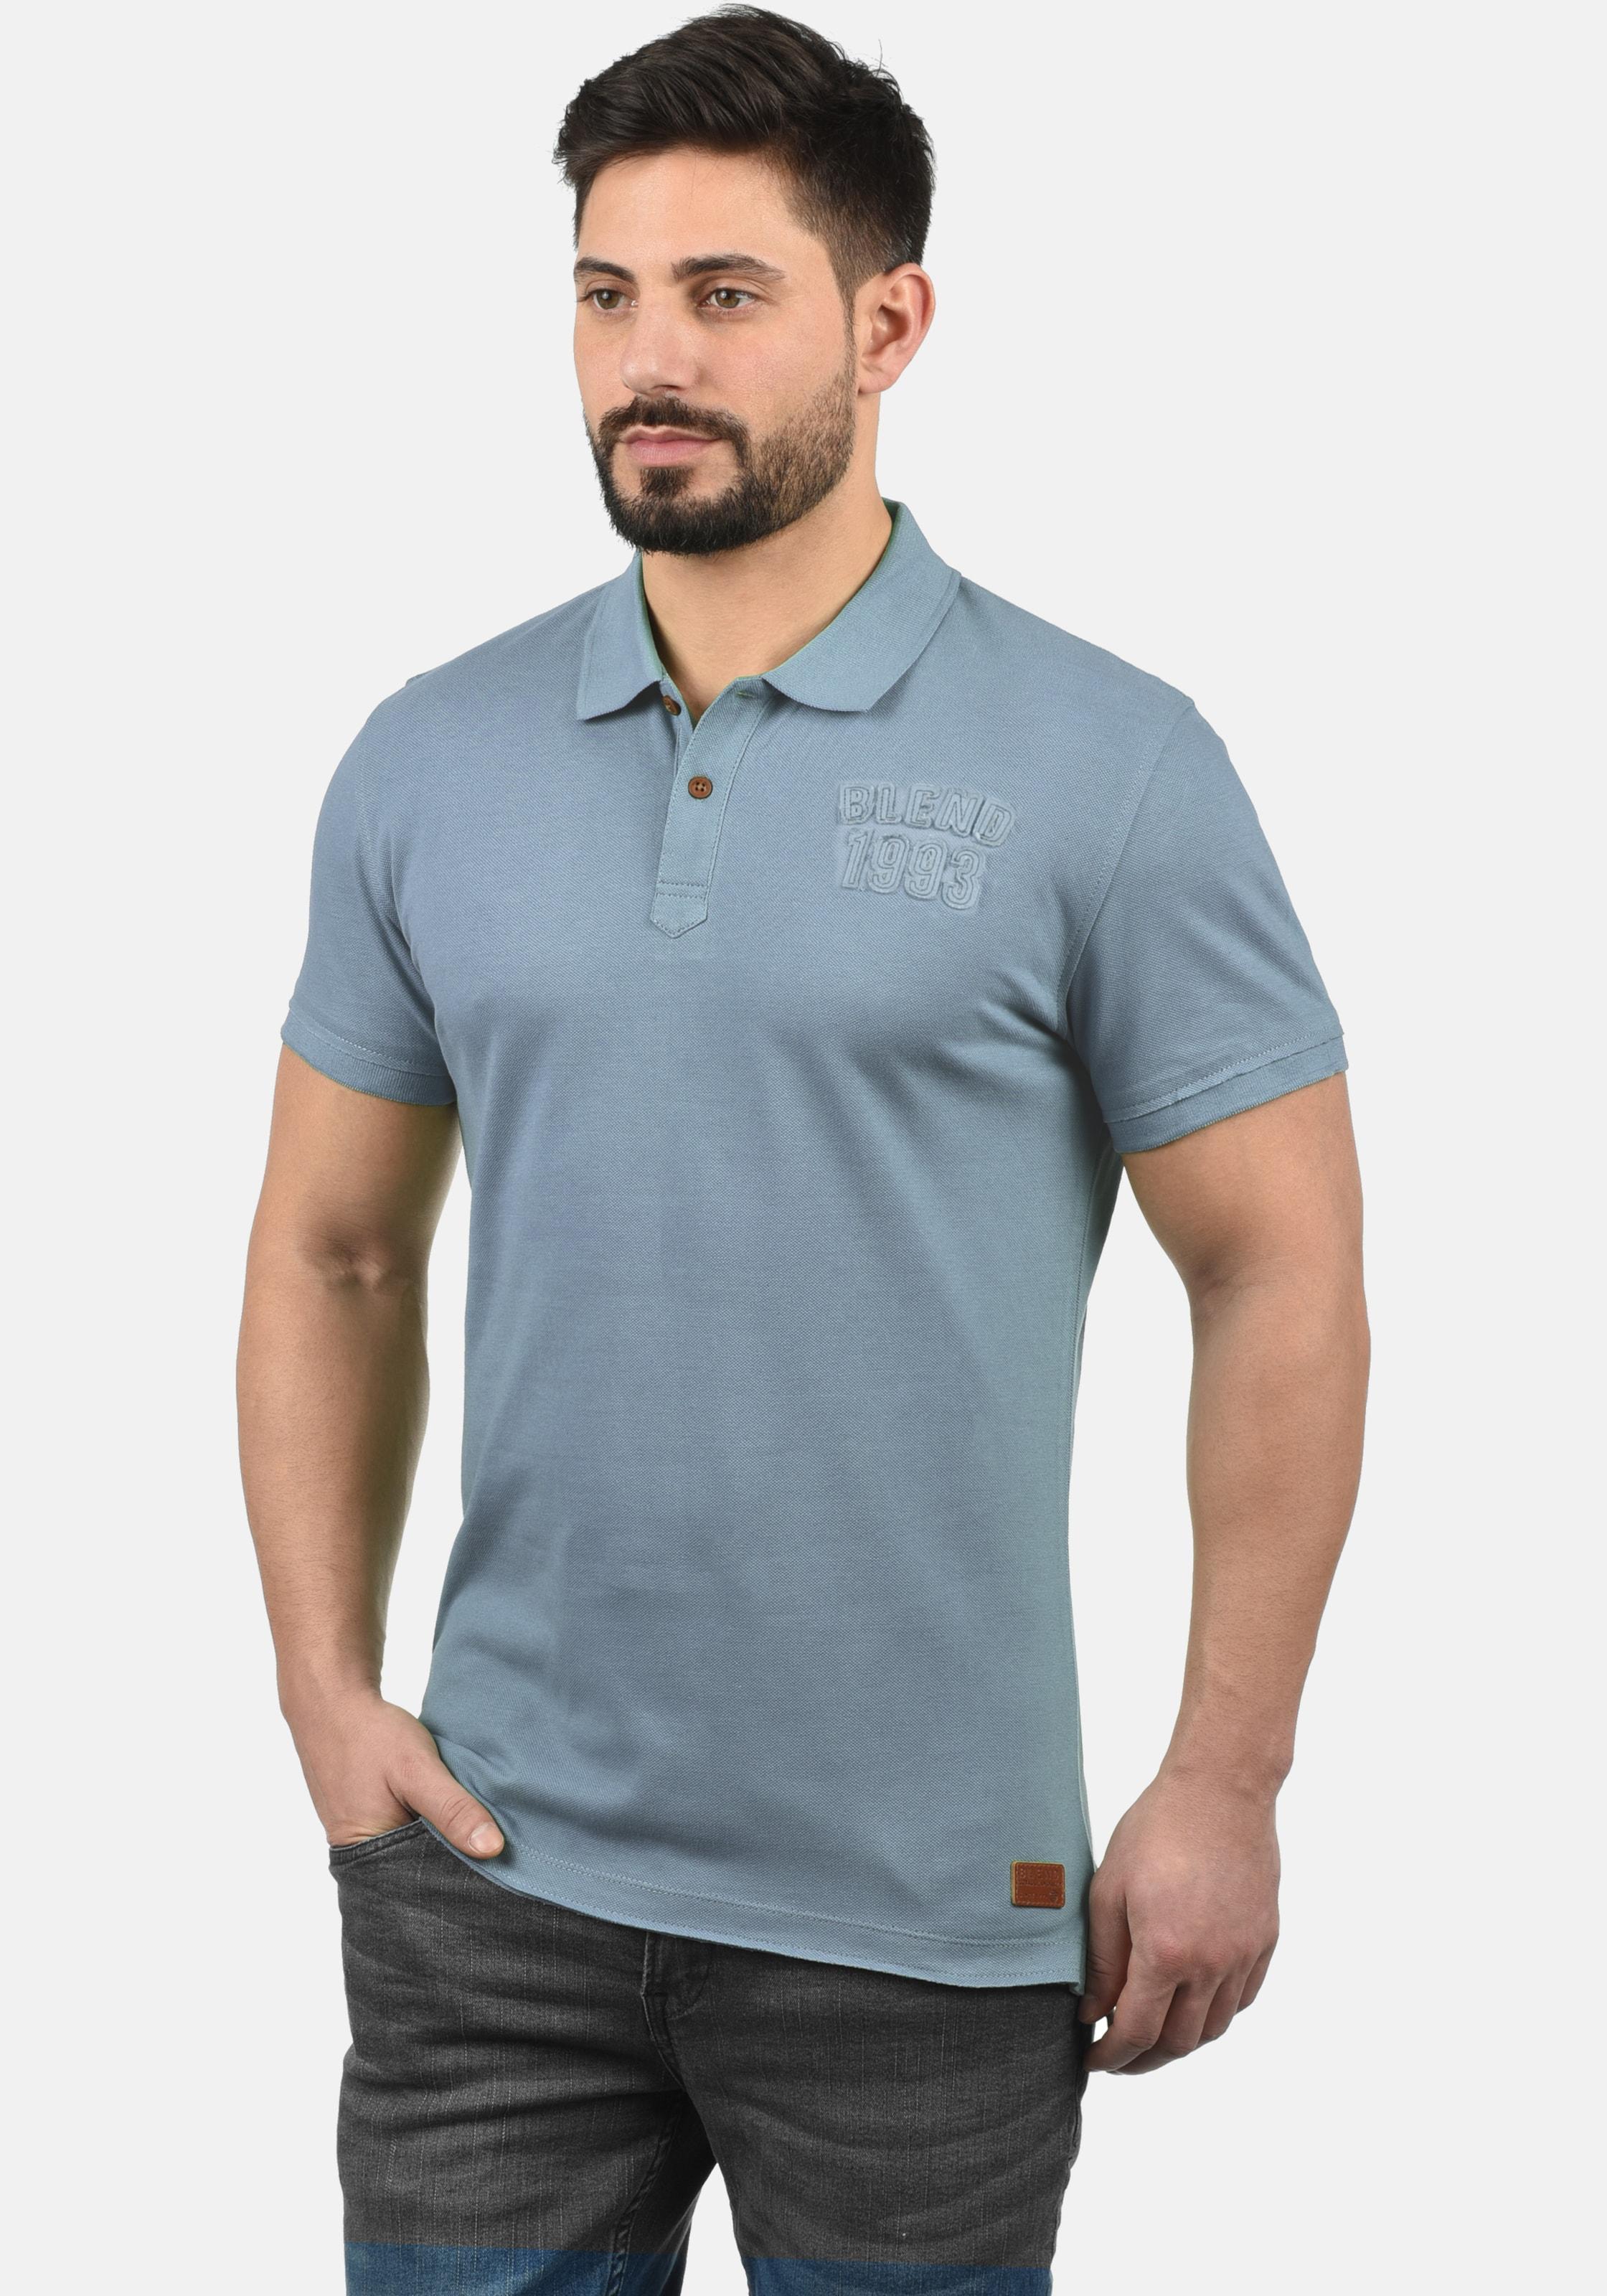 Poloshirt In 'tadeus' Blend Blend 'tadeus' Blend In Poloshirt Poloshirt In 'tadeus' Blau Blau nwXN0OPkZ8